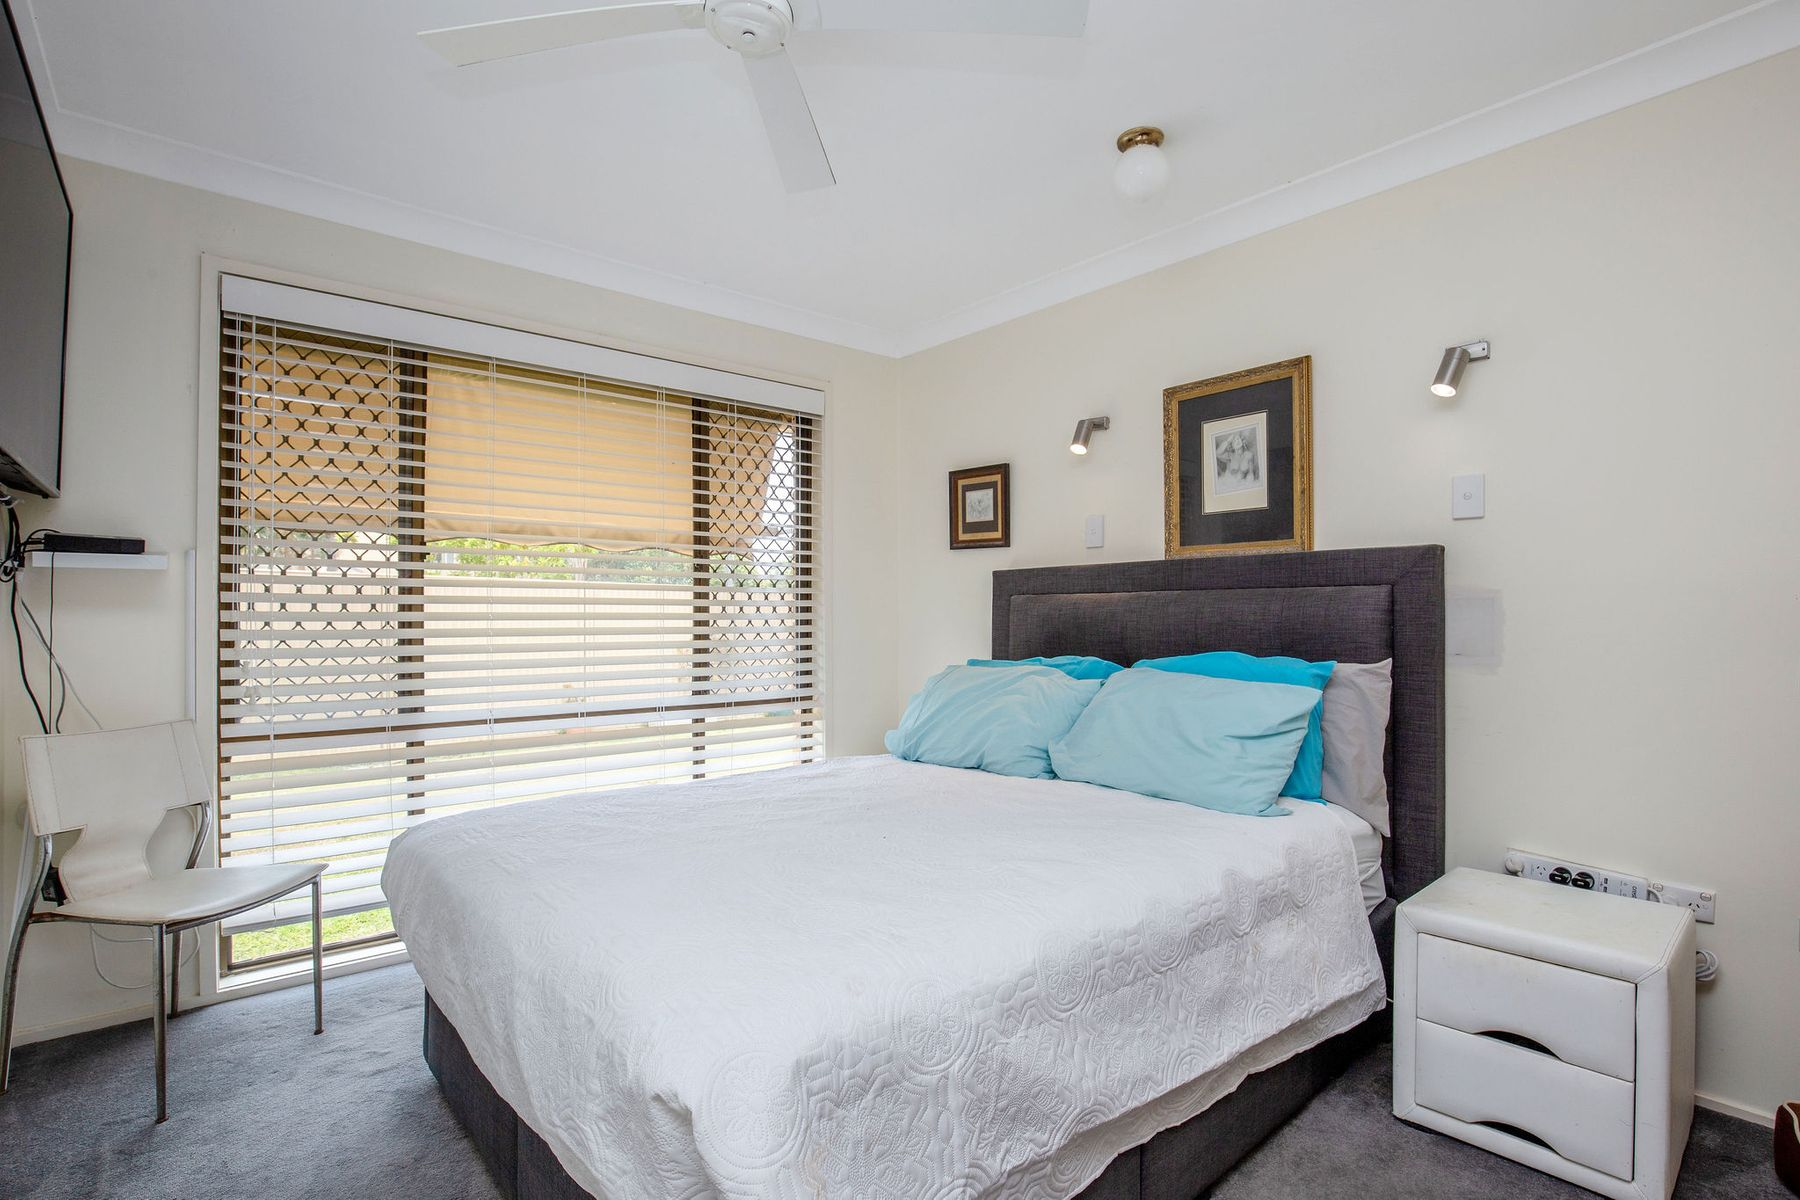 41/37 Saint Kevins Avenue, Benowa, QLD 4217